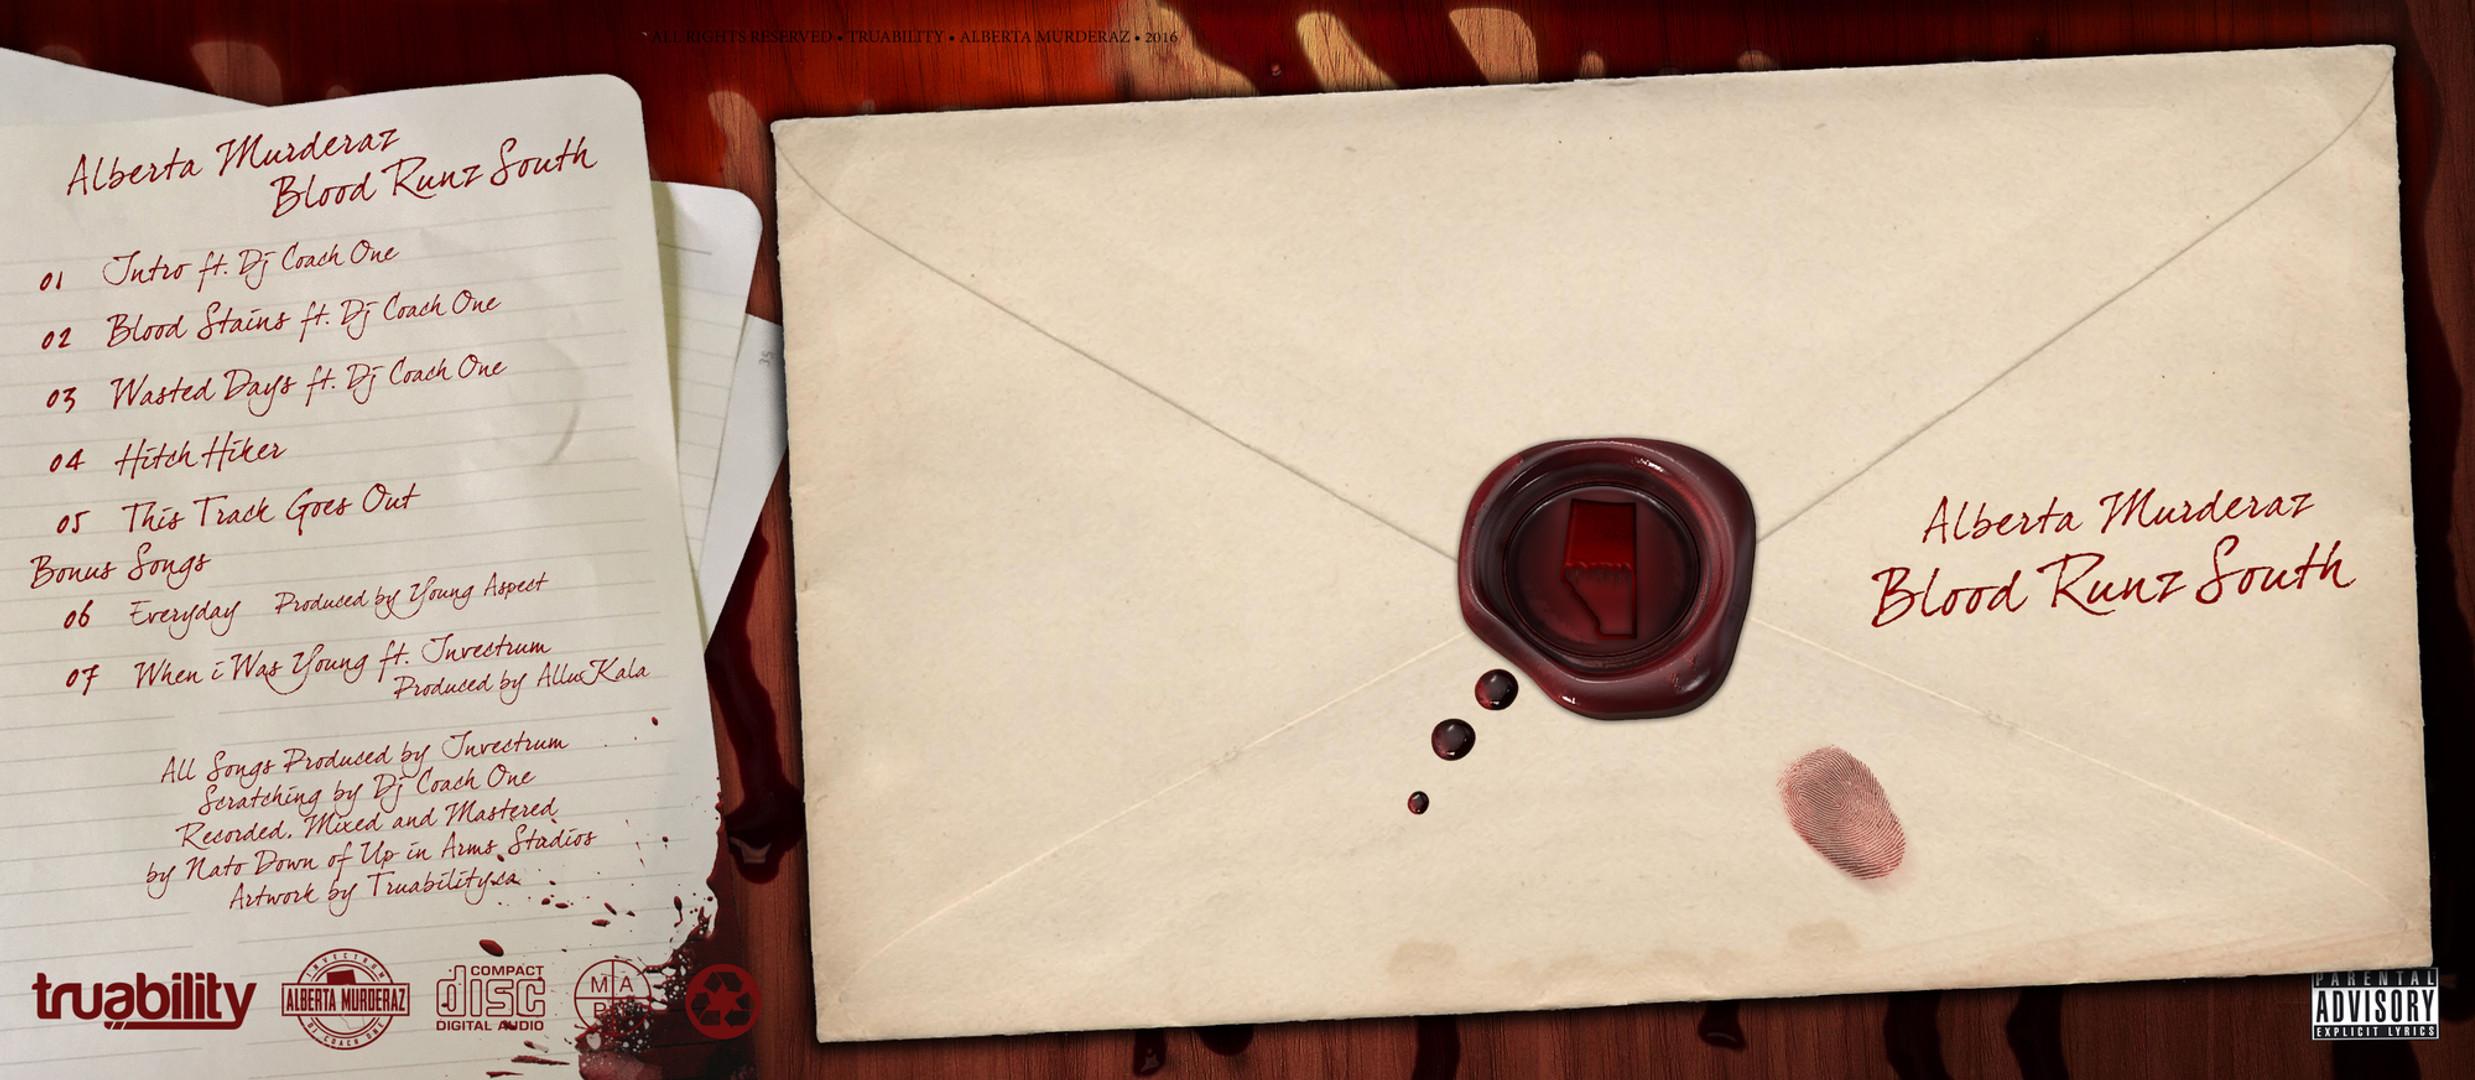 AM-BloodRunsSouth-ArtworkFinal_06.jpg